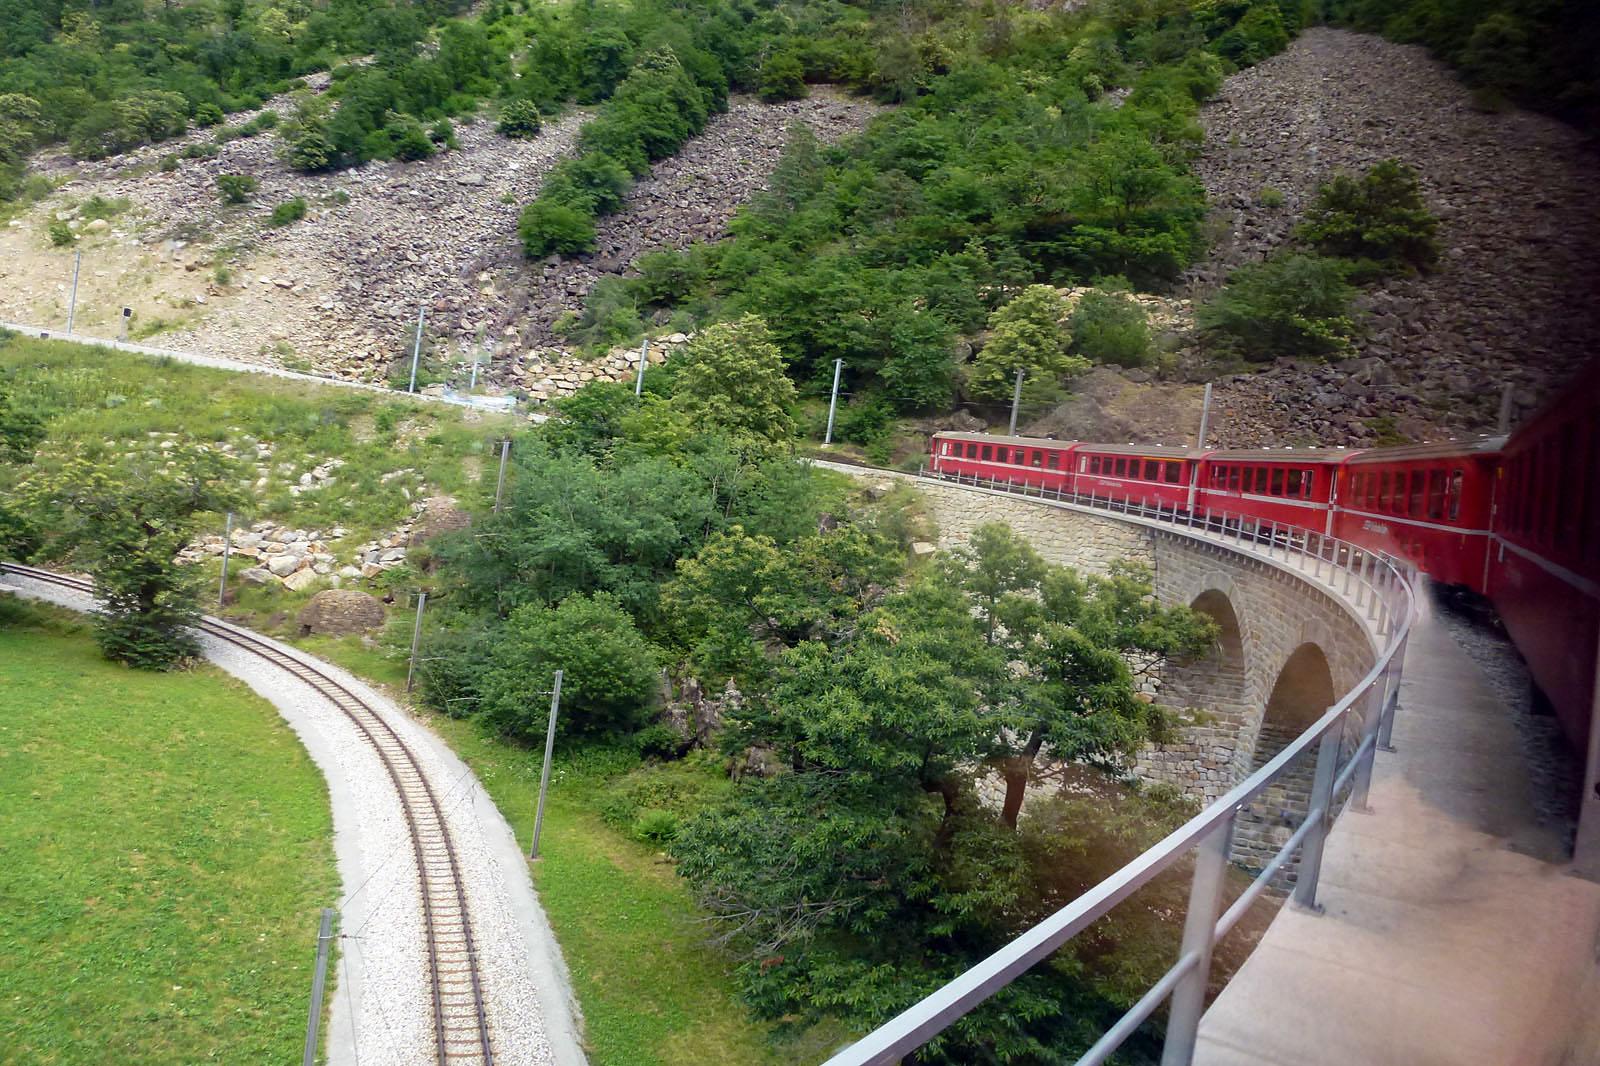 Otra imagen del viaducto de Brusio